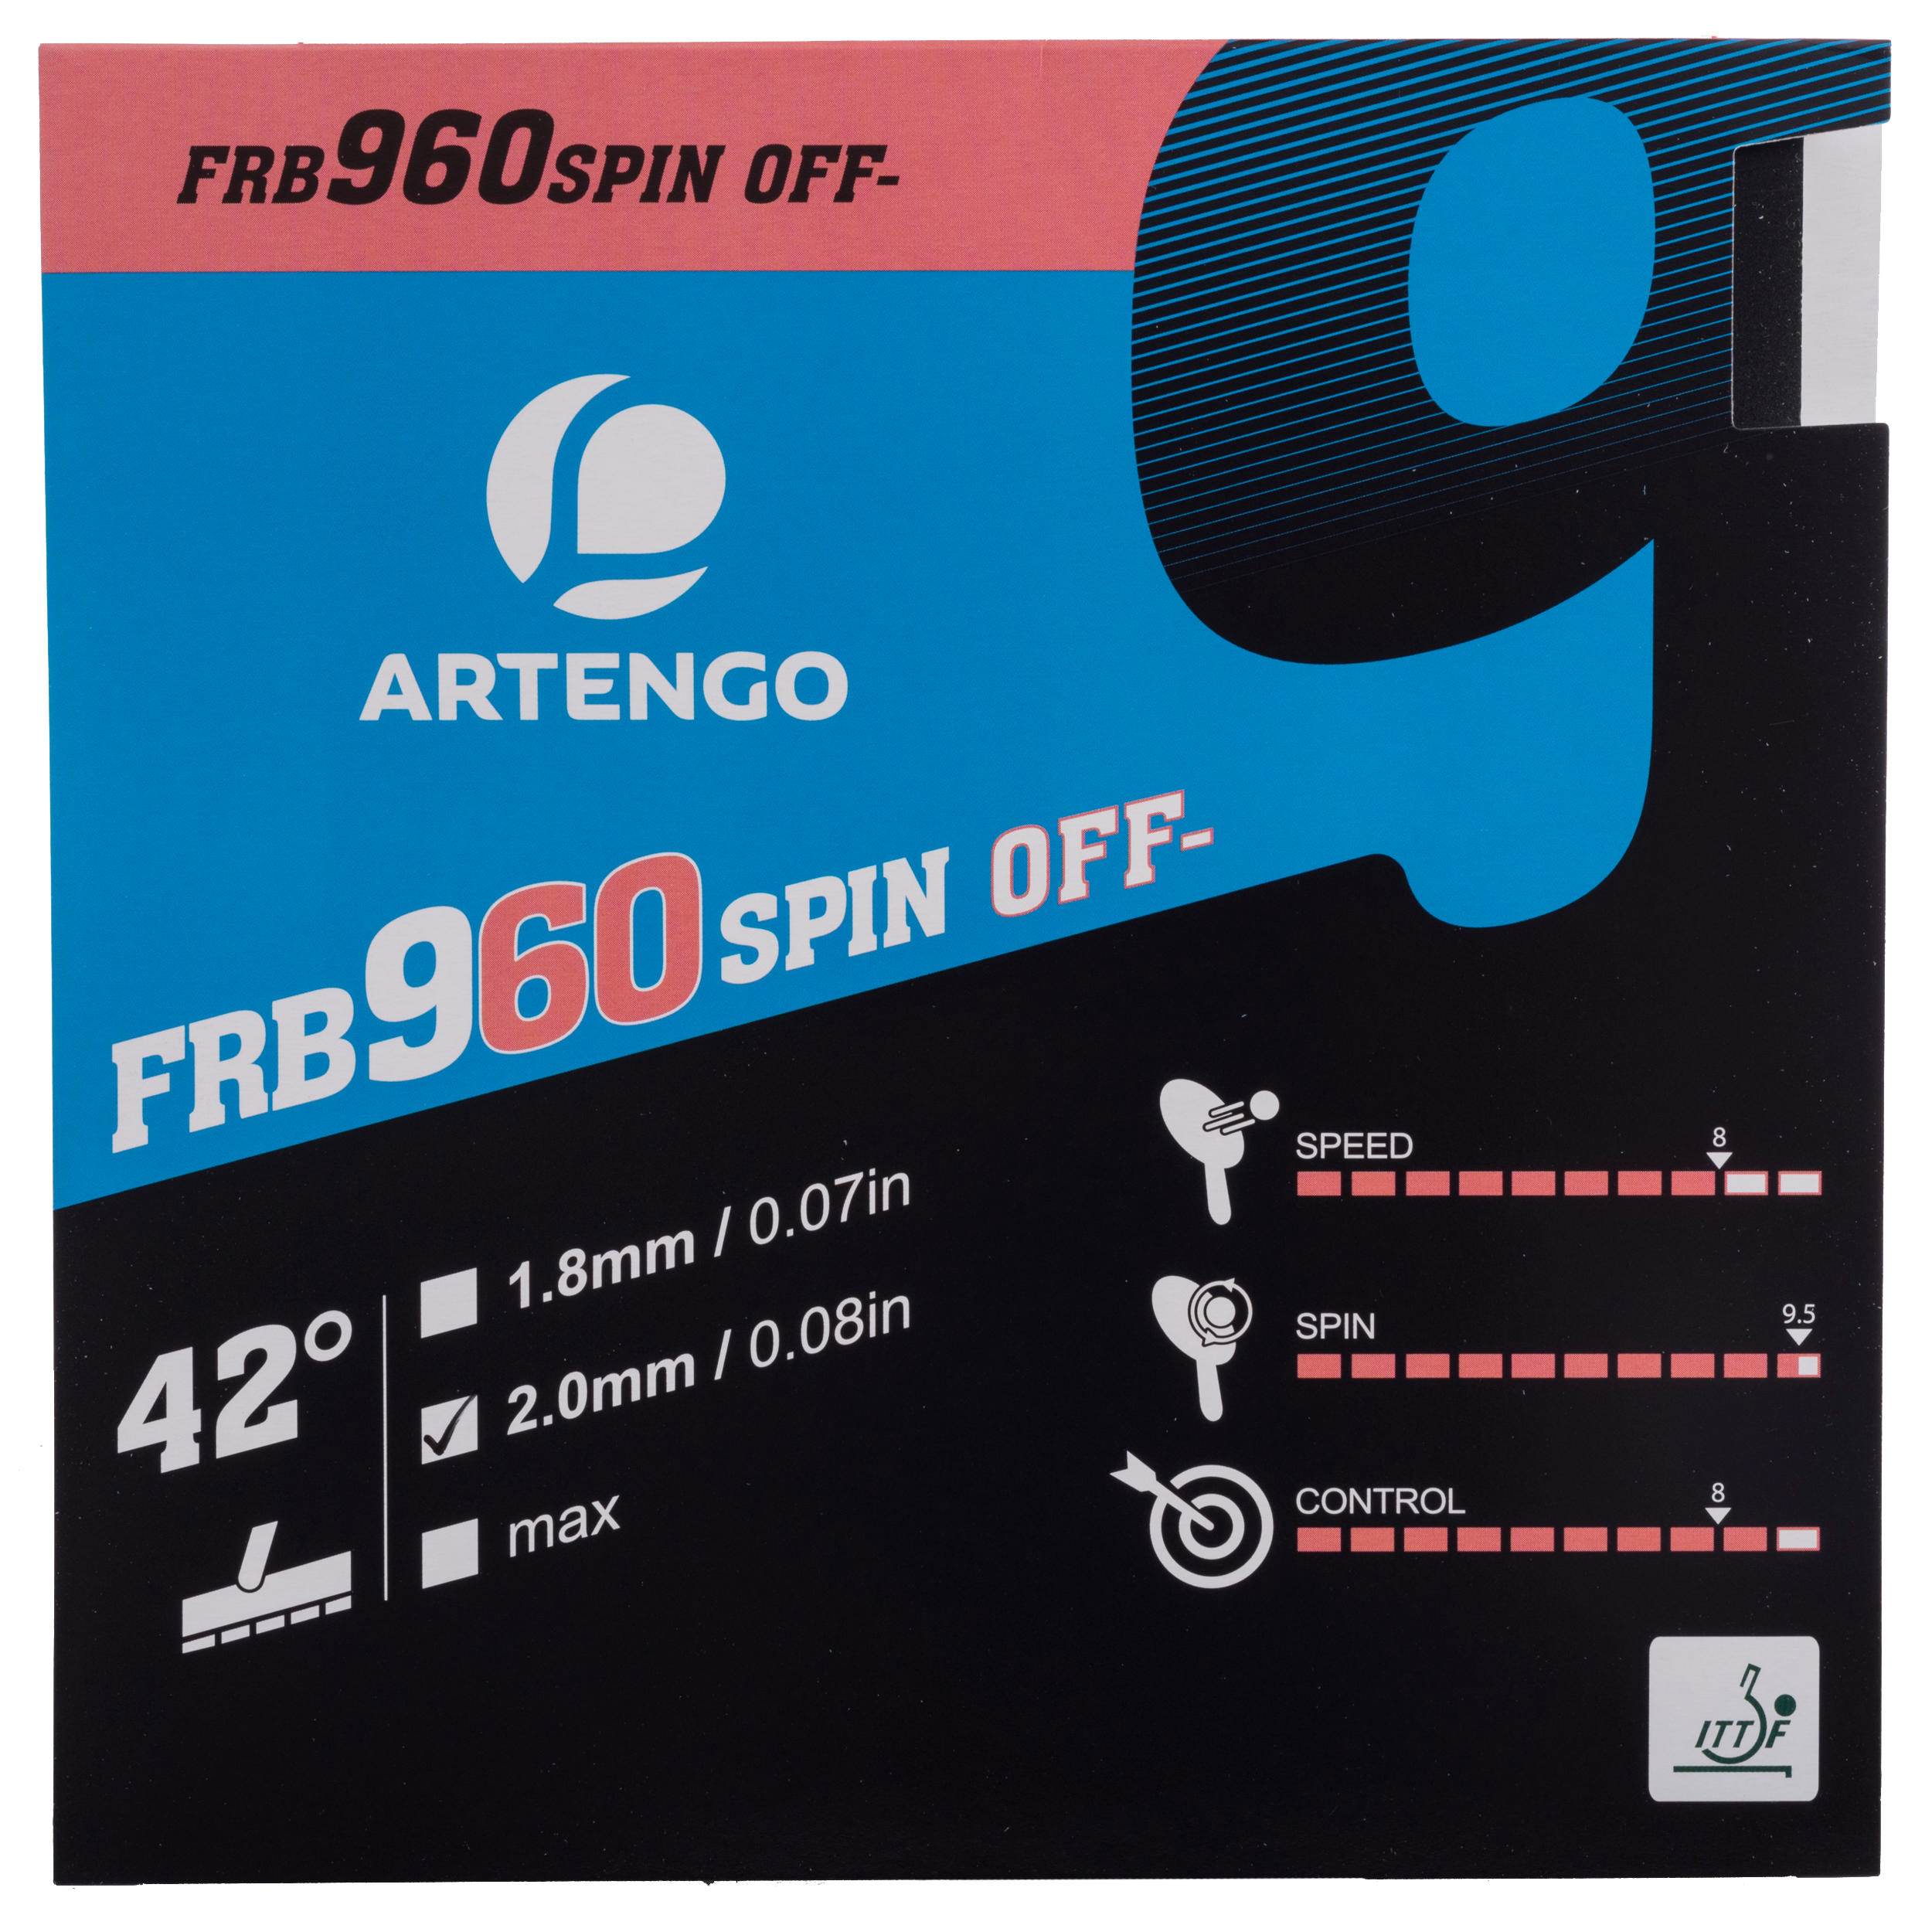 Față Paletă FRB960 Spin 42° imagine